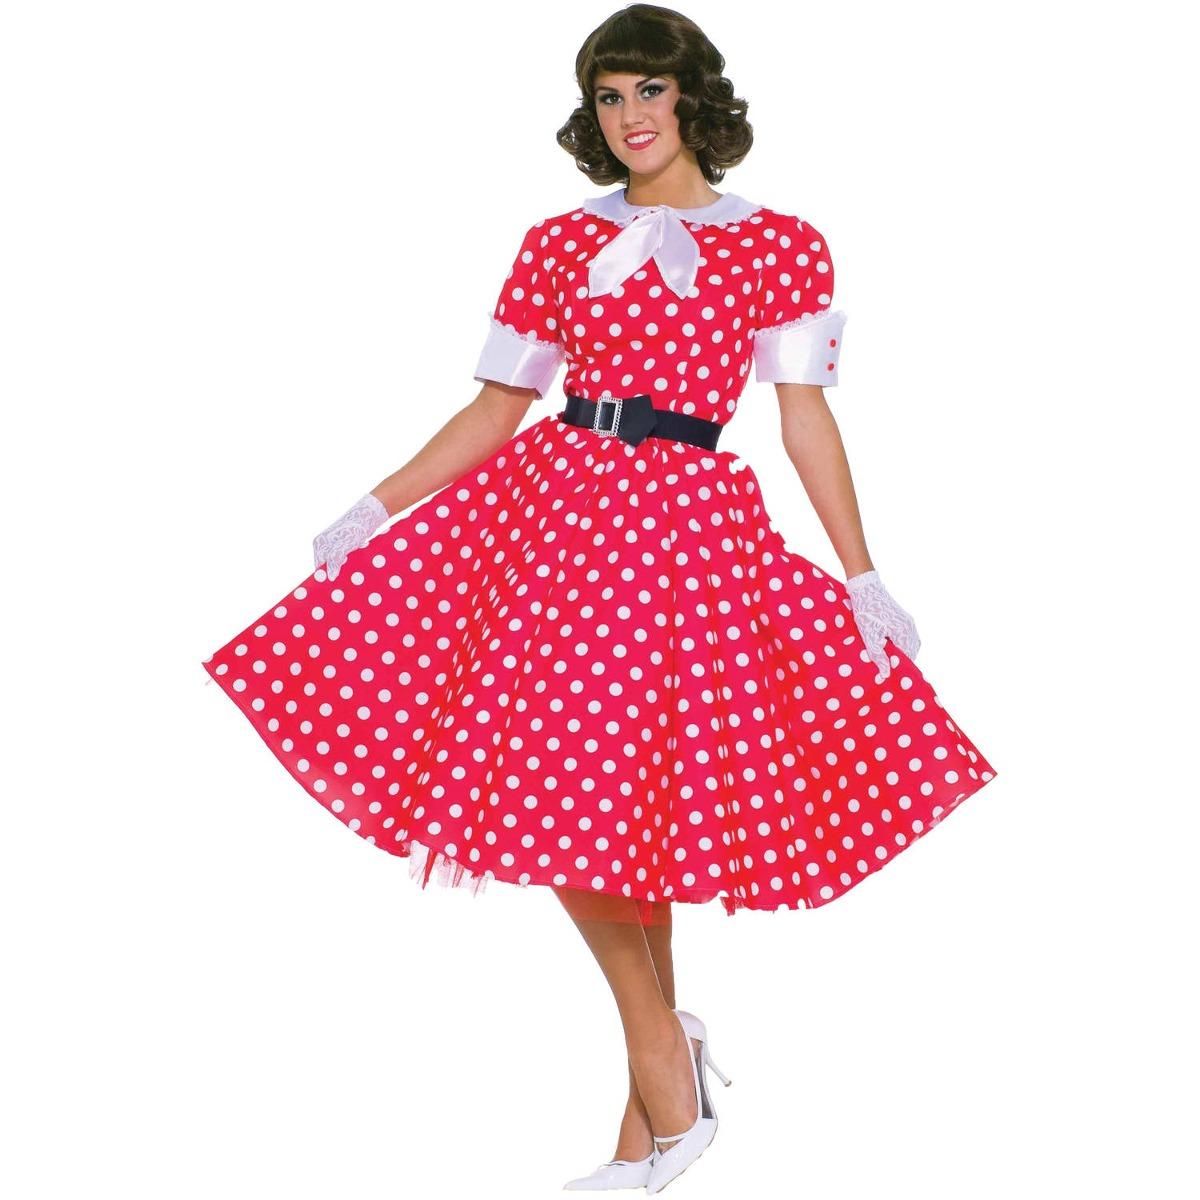 dc2716f6e Disfraz De Vestido Años 50 Para Mujer